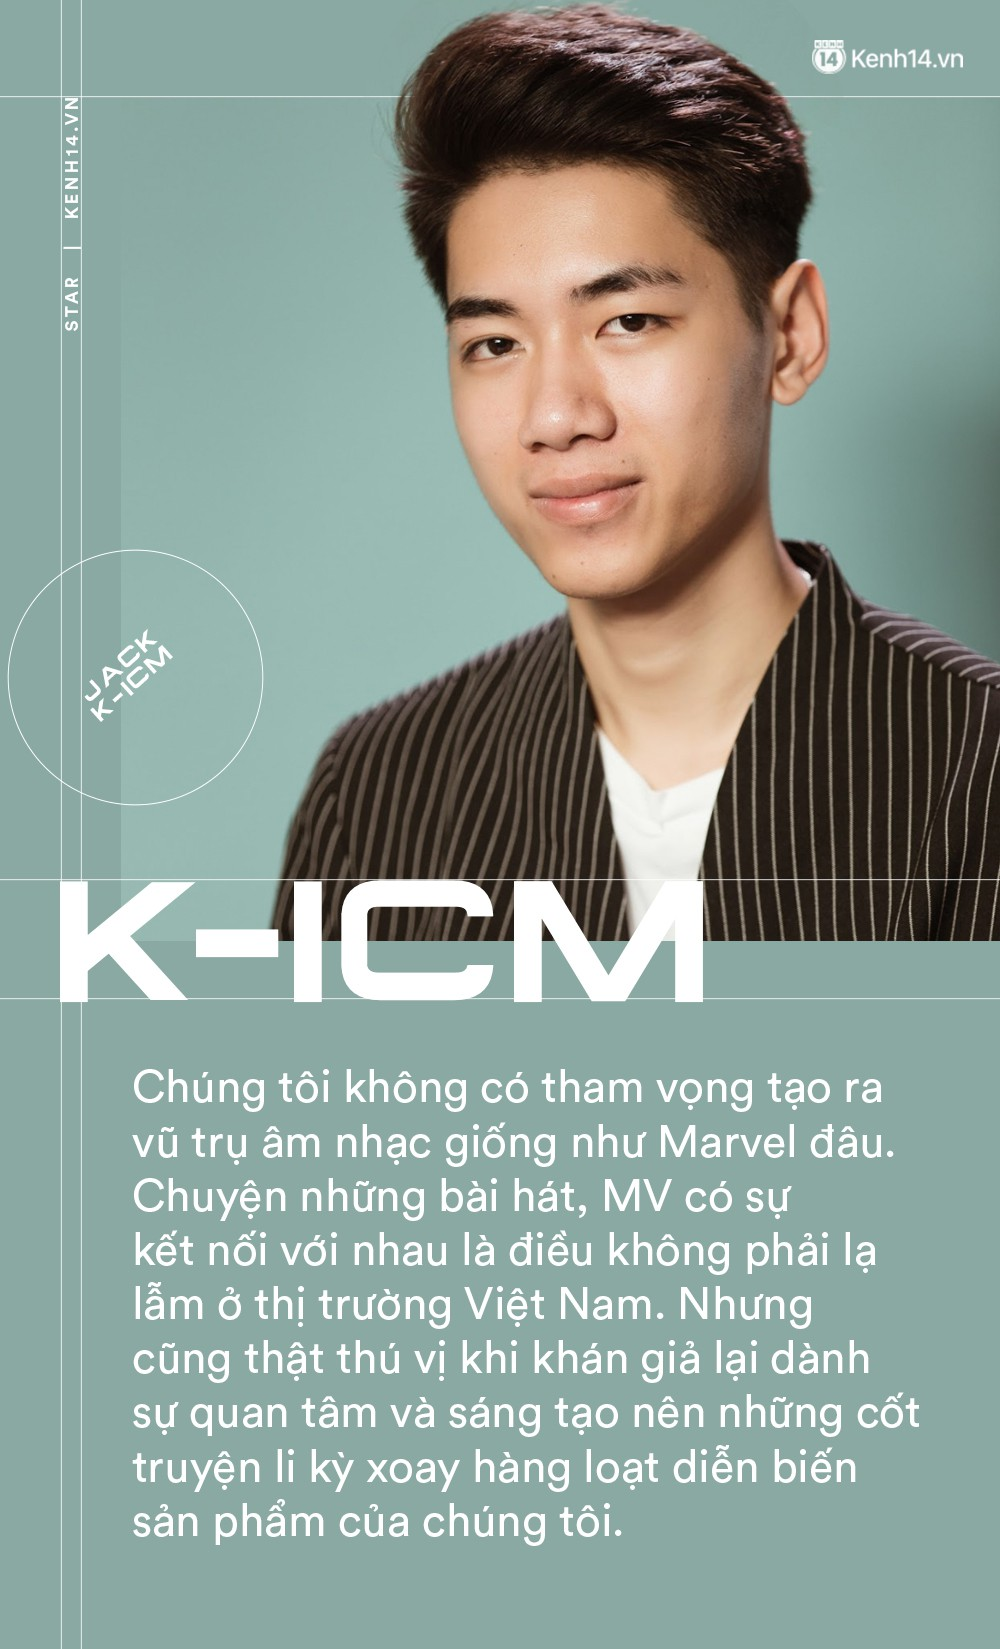 Jack và K-ICM: Chúng tôi và Sơn Tùng M-TP không việc gì phải giẫm đạp lên nhau mà đi - Ảnh 4.